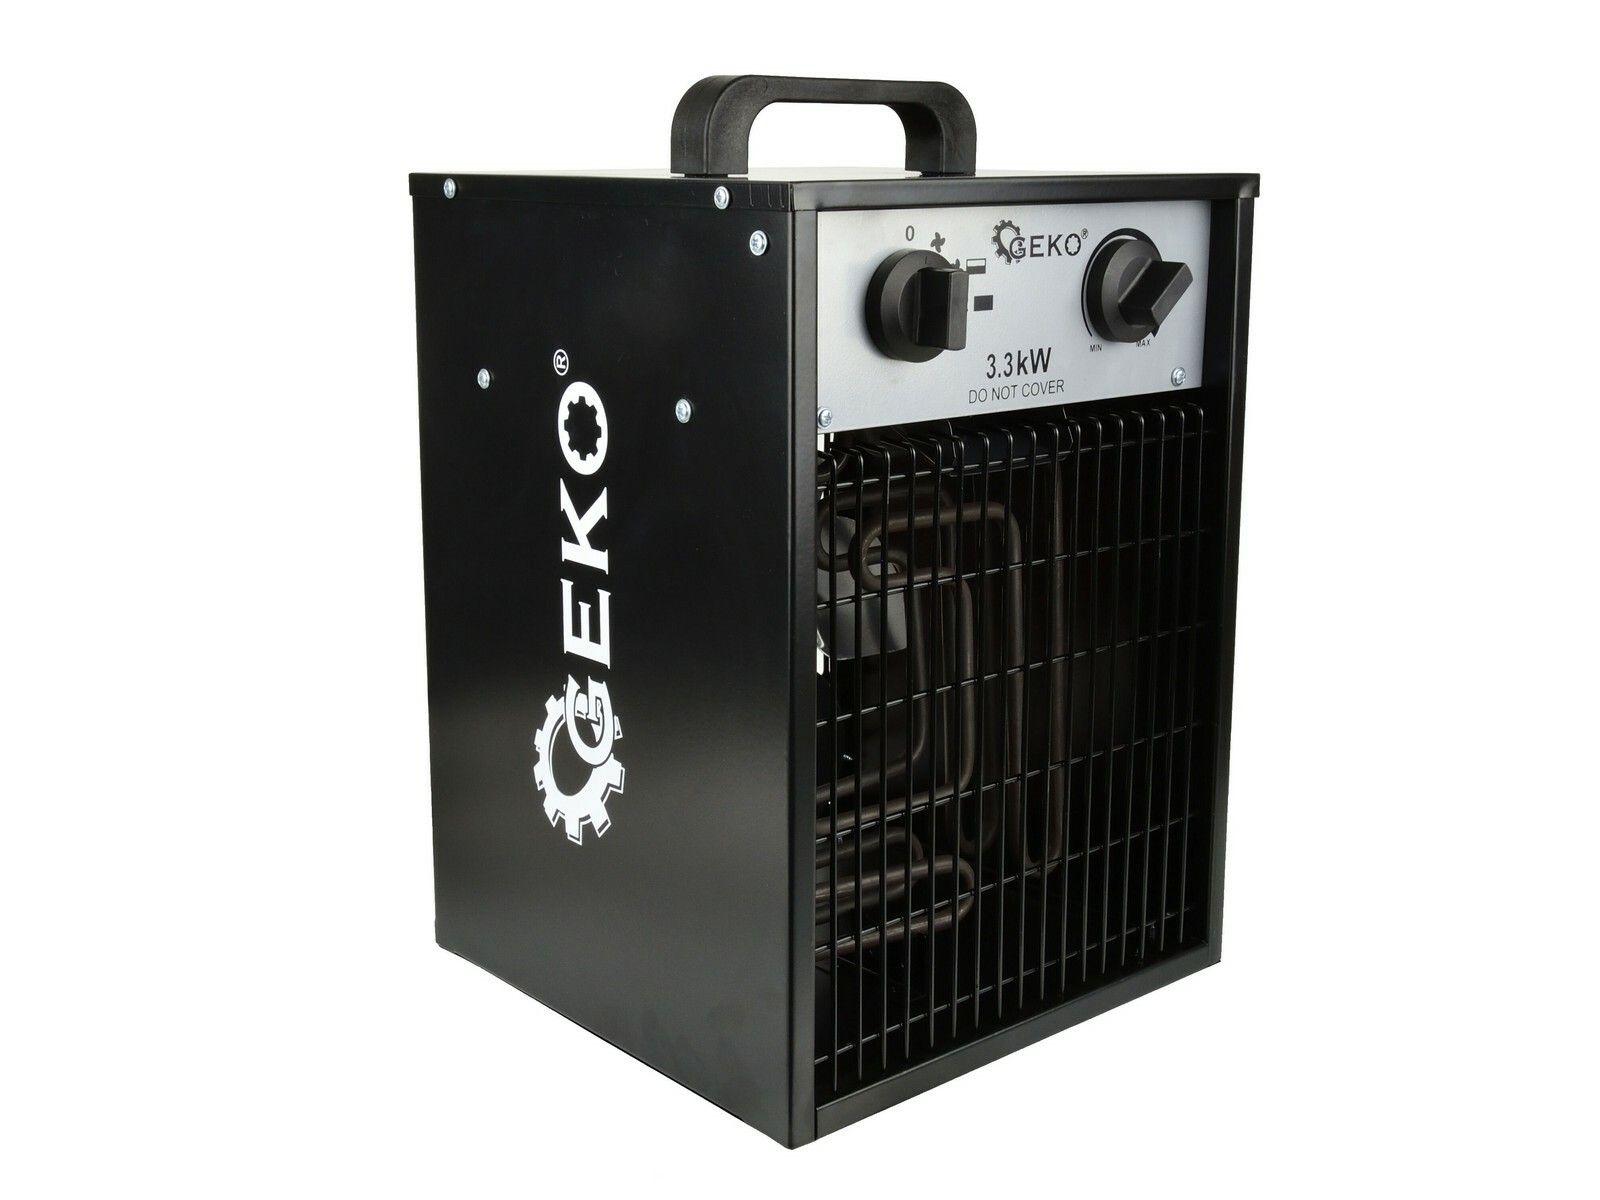 GEKO G80401 Elektrický ohřívač vzduchu s ventilátorem 3,3kW